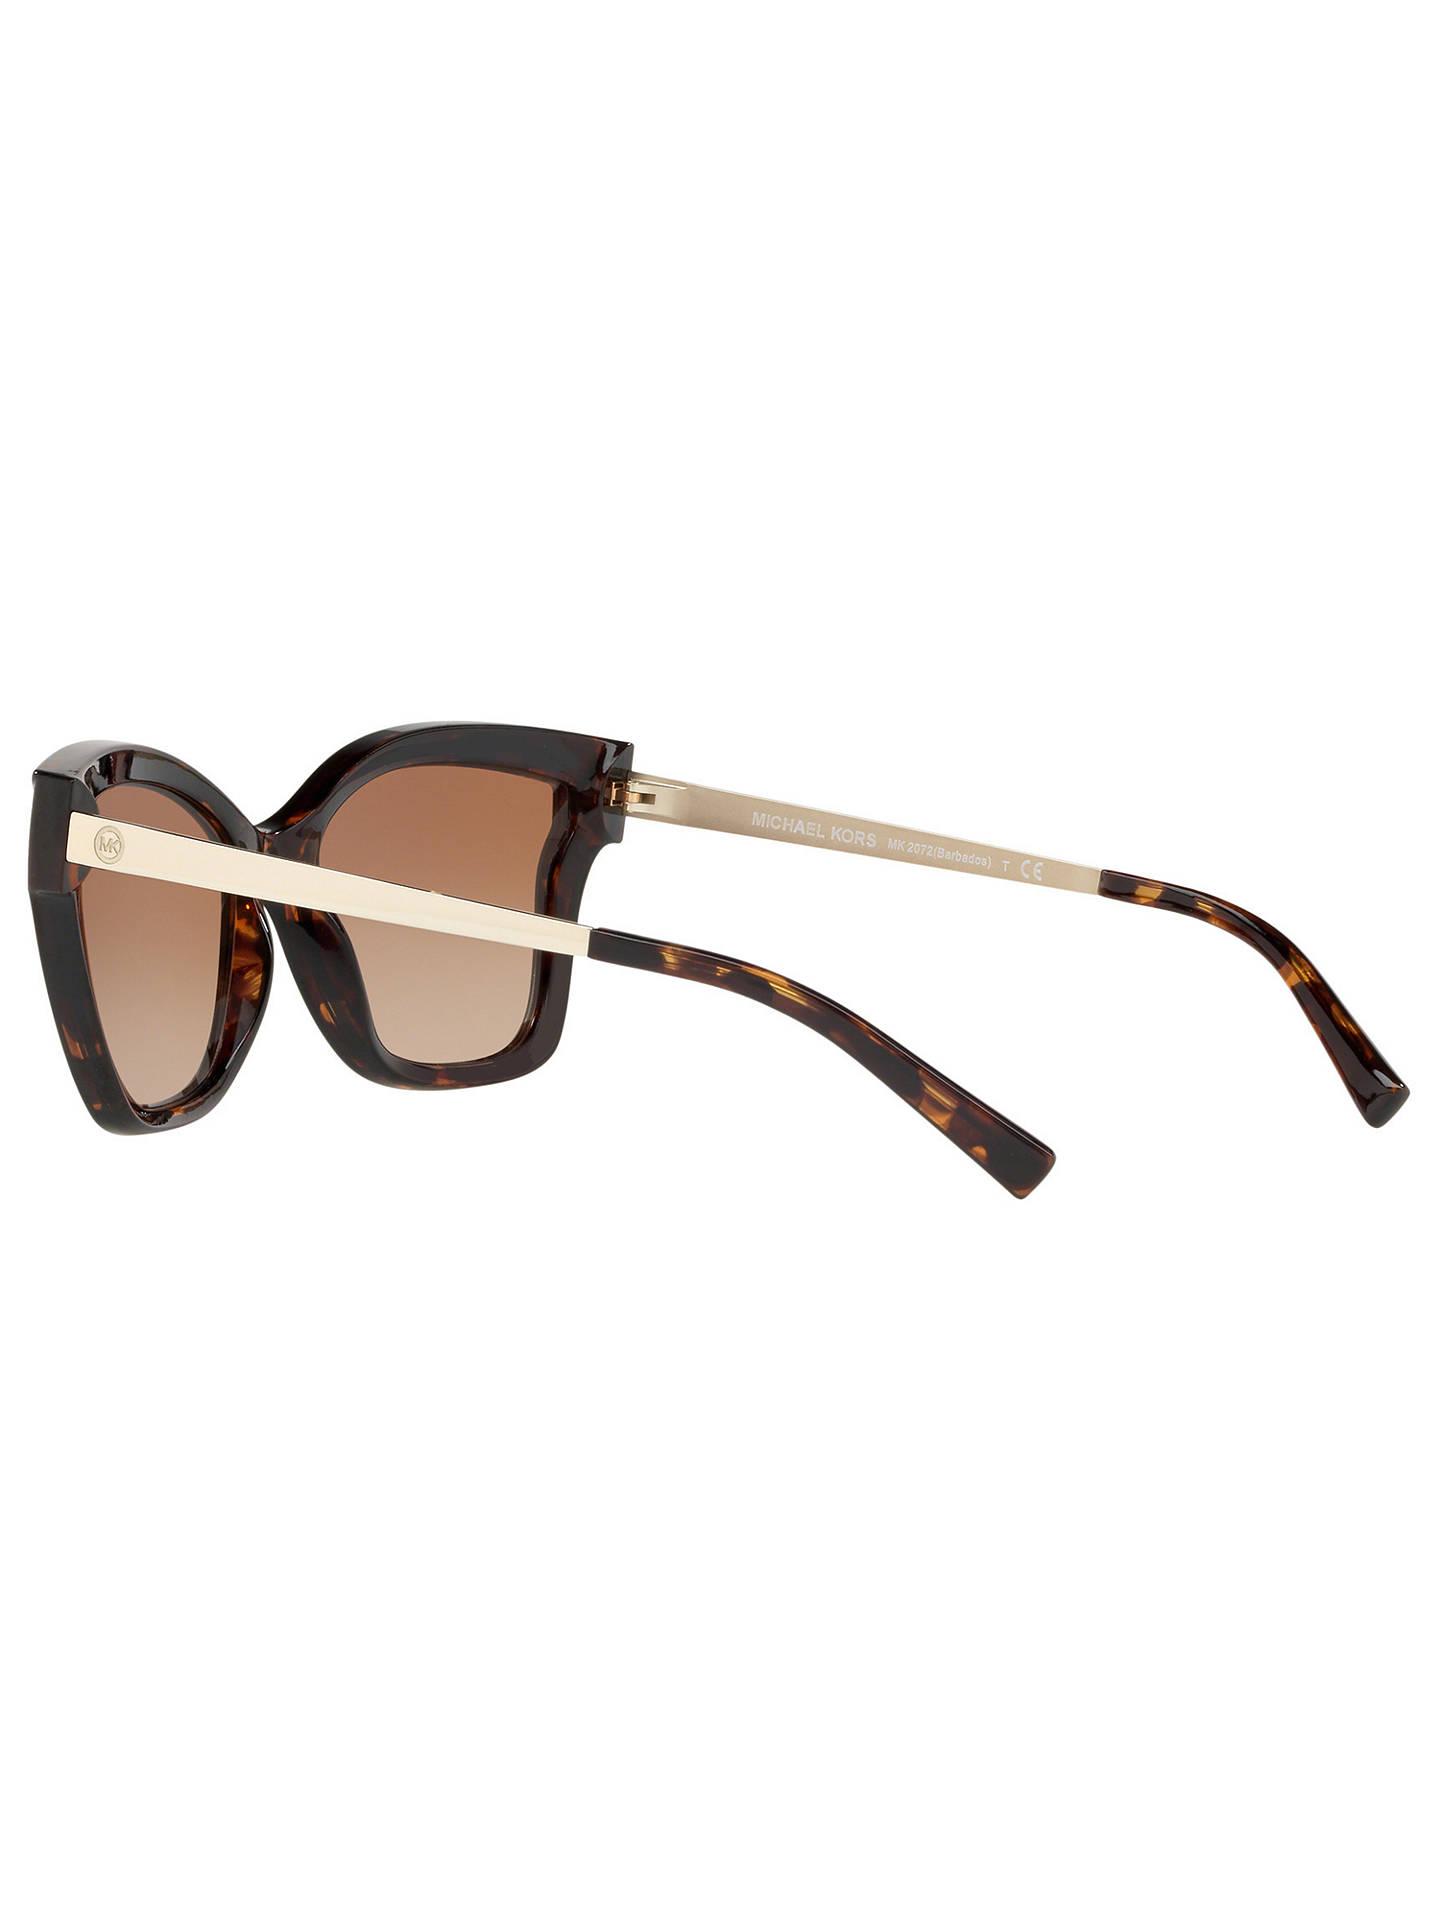 0b073c6d46 Michael Kors MK2072 Women s Barbados Square Sunglasses at John Lewis ...